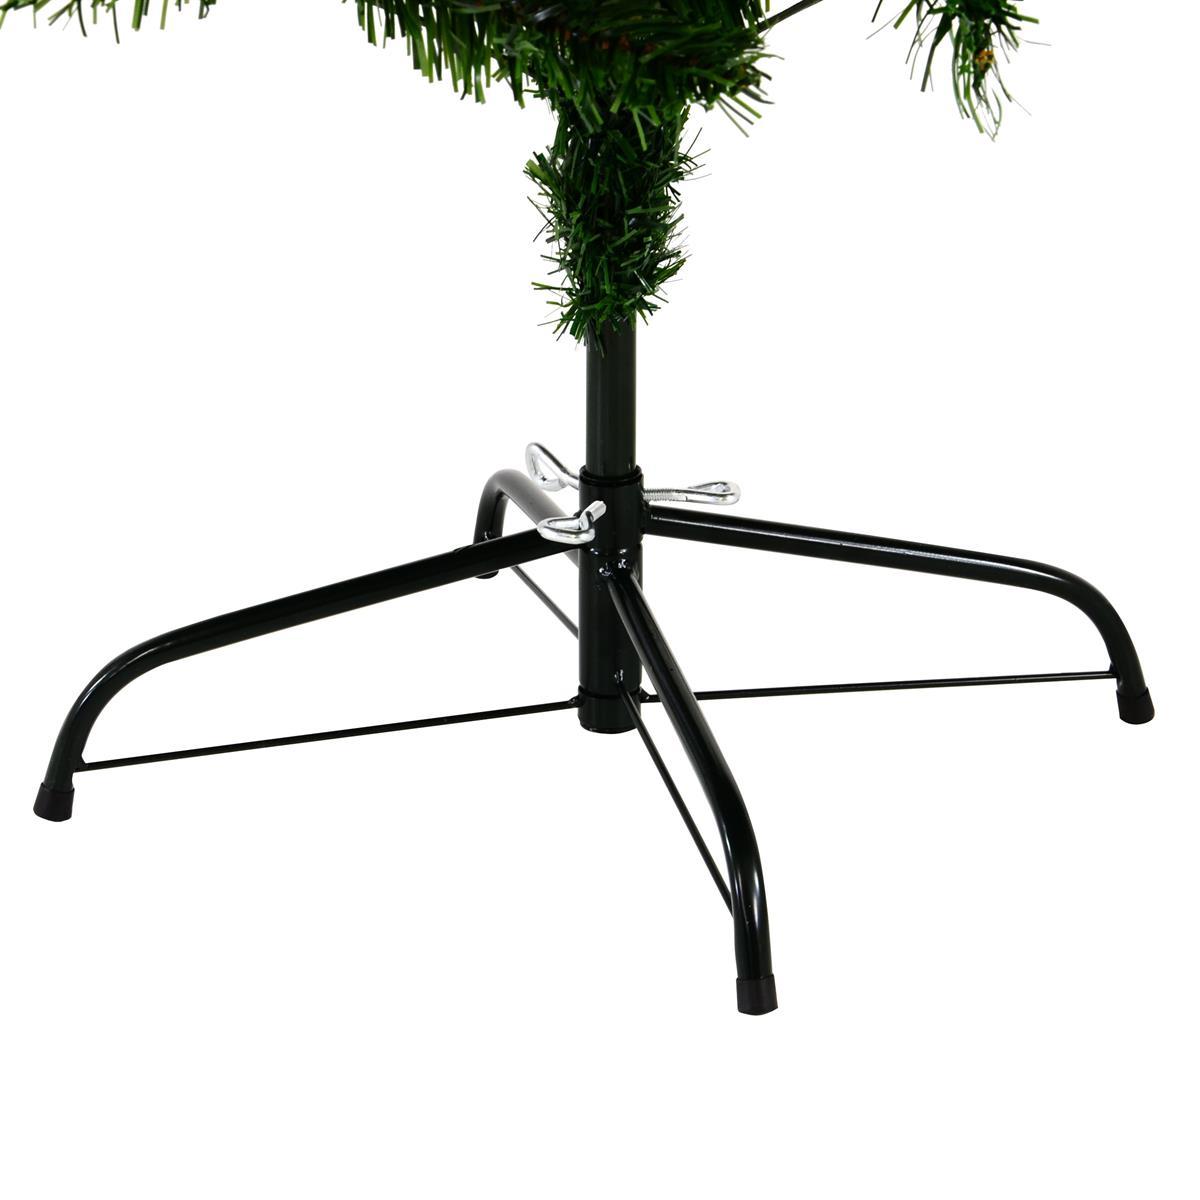 Künstlicher Weihnachtsbaum Outdoor.Künstlicher Weihnachtsbaum Grün 180 Cm Mit Ständer 200 Led